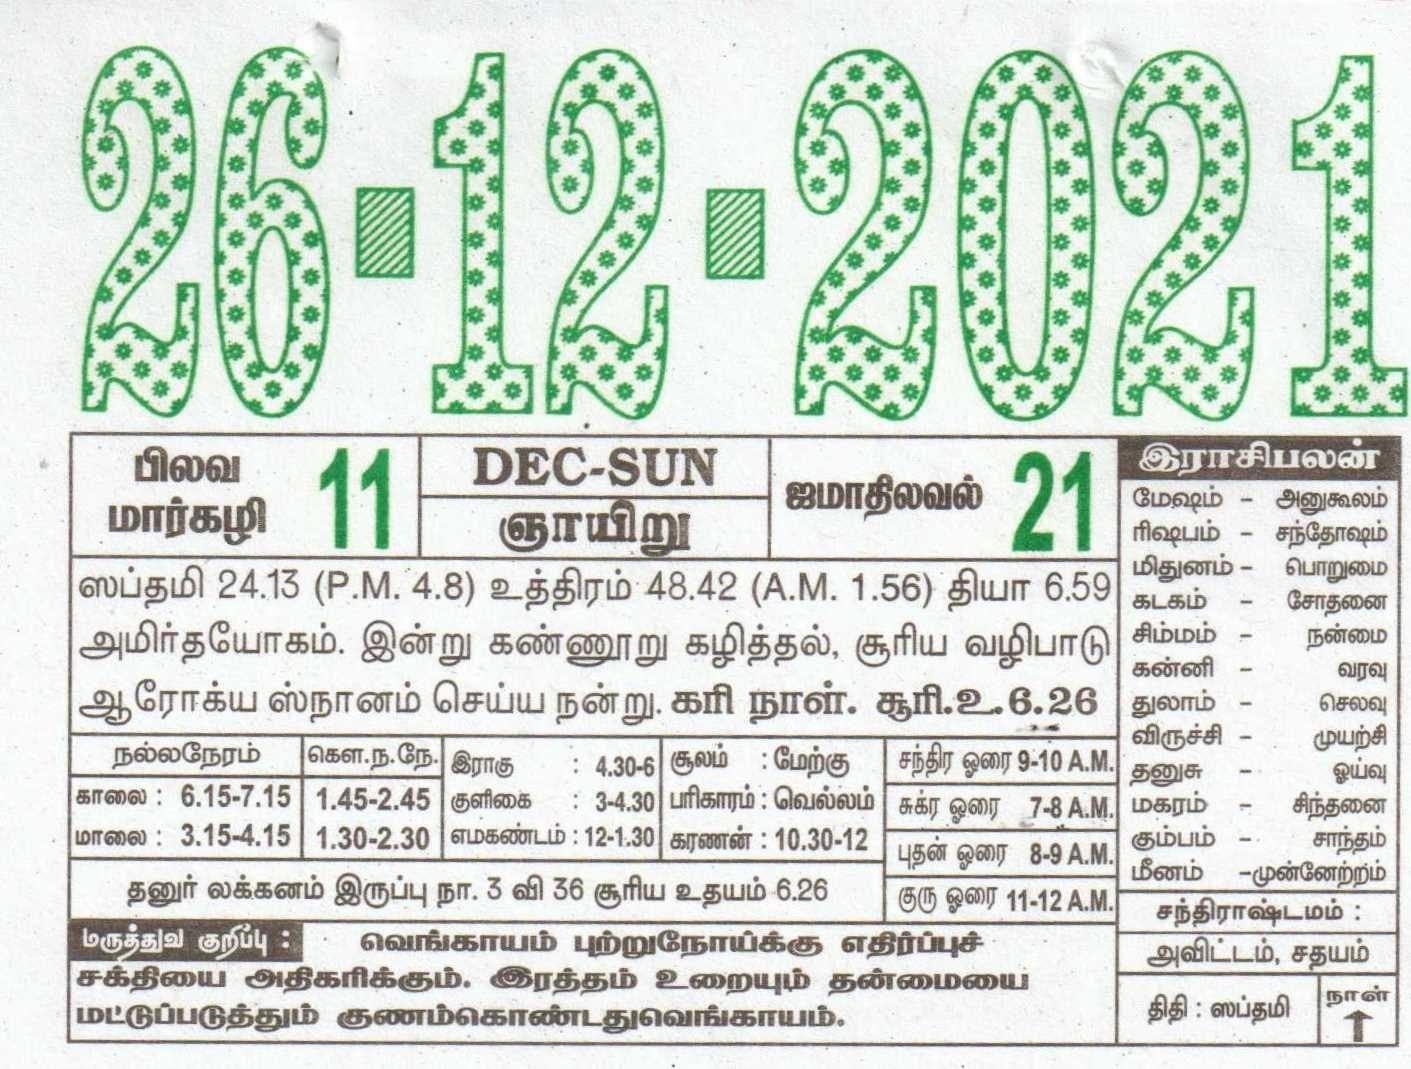 26-12-2021 Daily Calendar | Date 26 , January Daily Tear Off Calendar | Daily Panchangam Rasi Palan